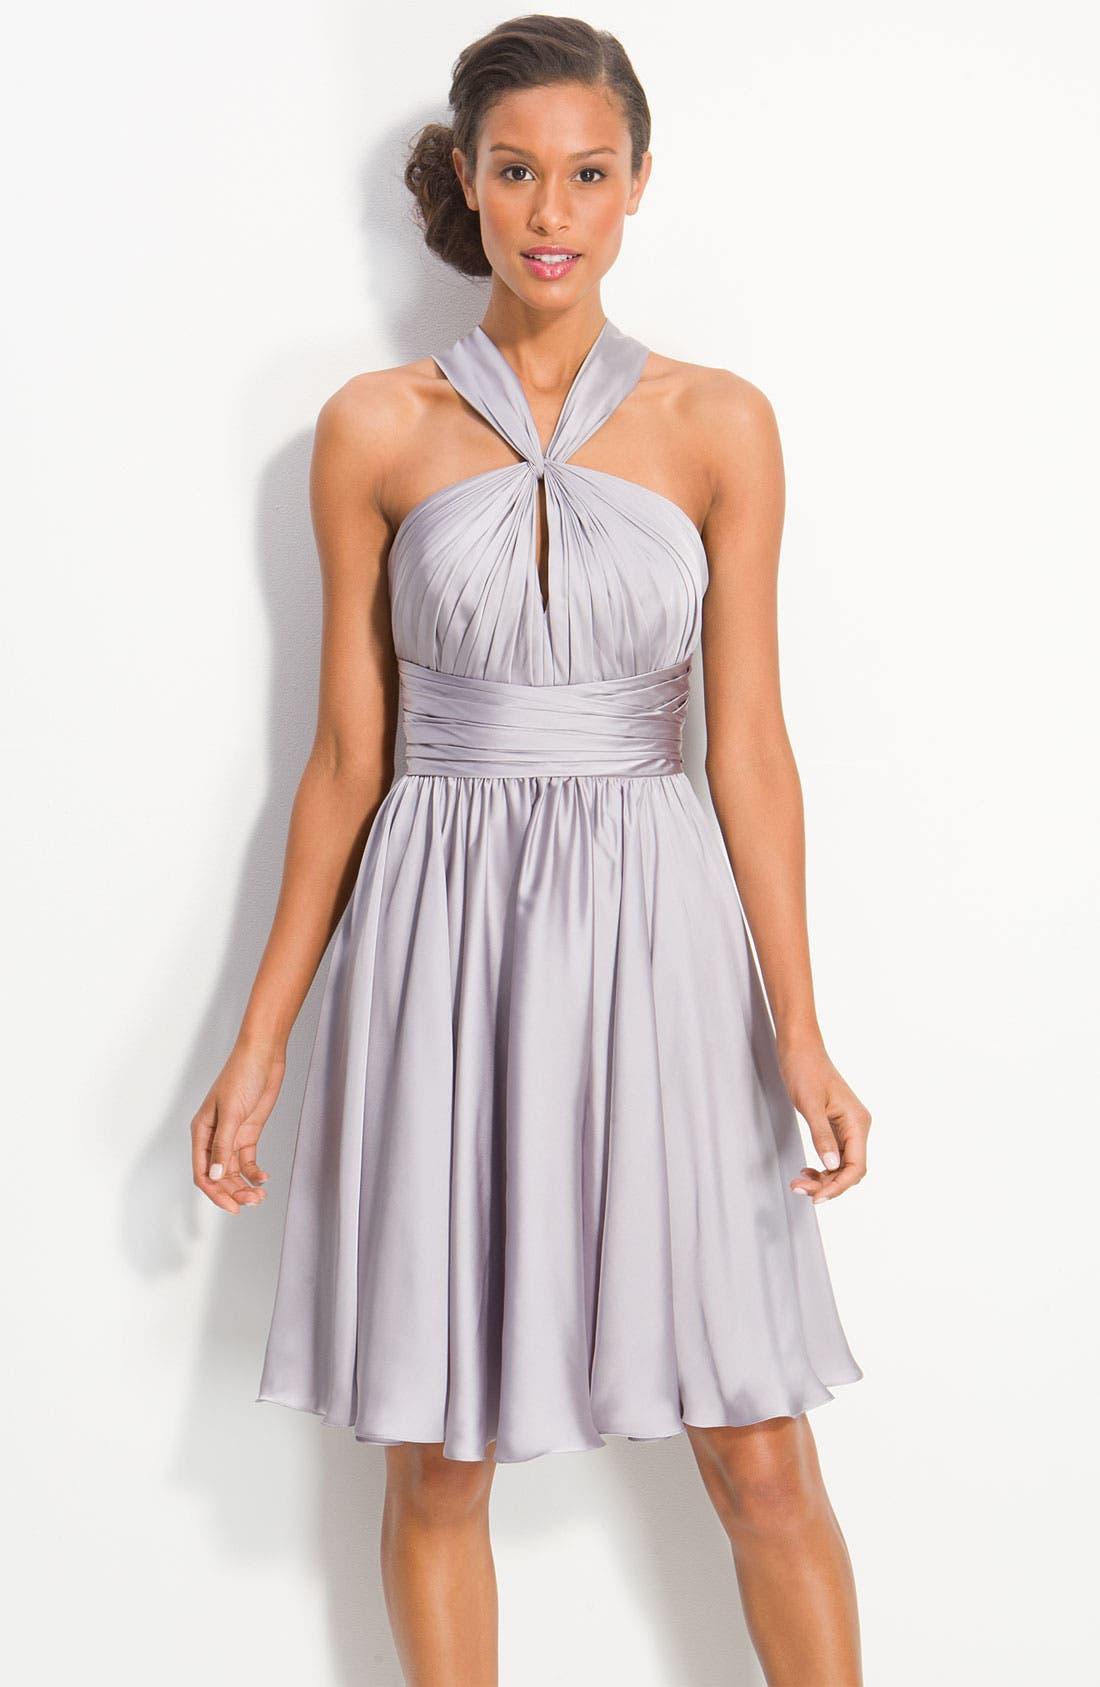 Main Image - ML Monique Lhuillier Bridesmaids Twist Front Charmeuse Dress (Nordstrom Exclusive)